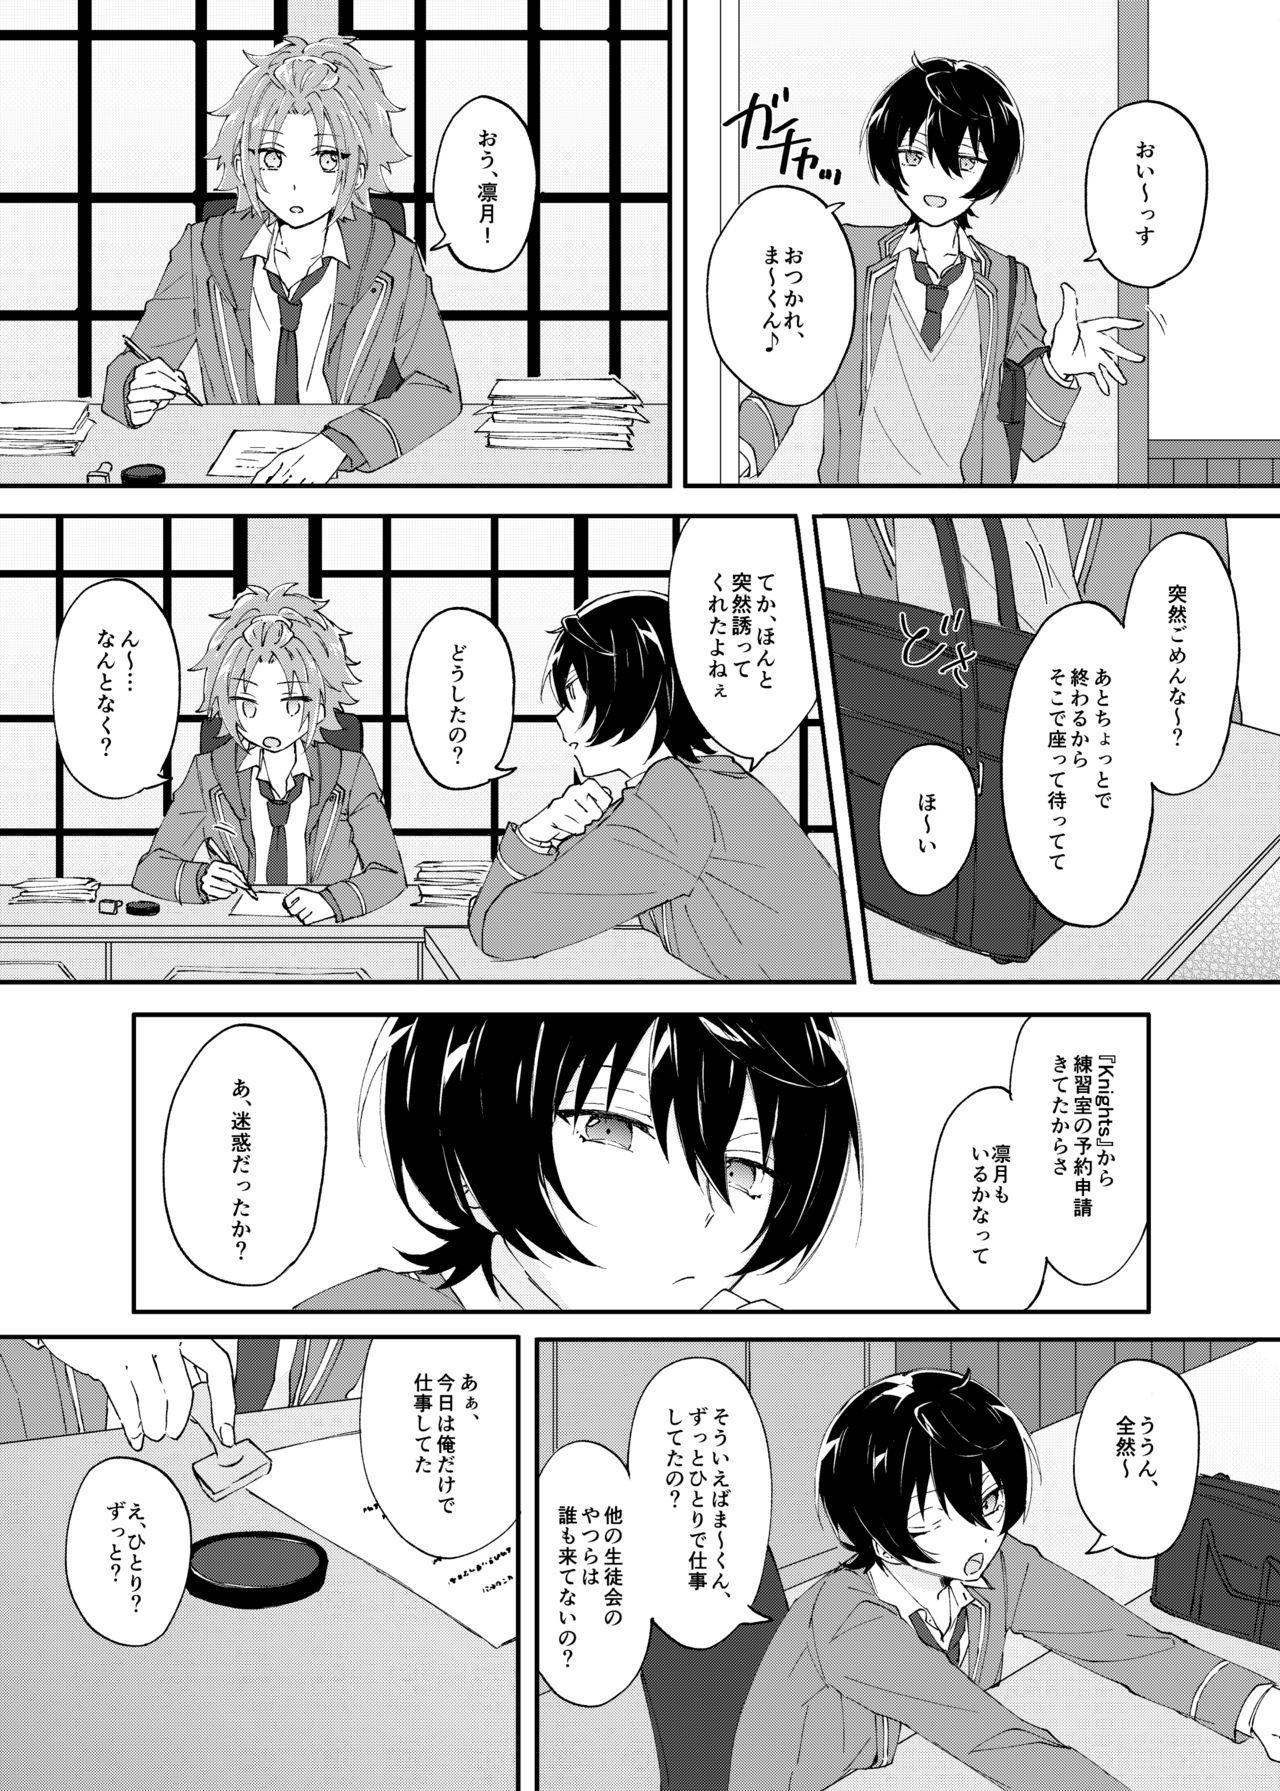 Rou o Tokashite 3